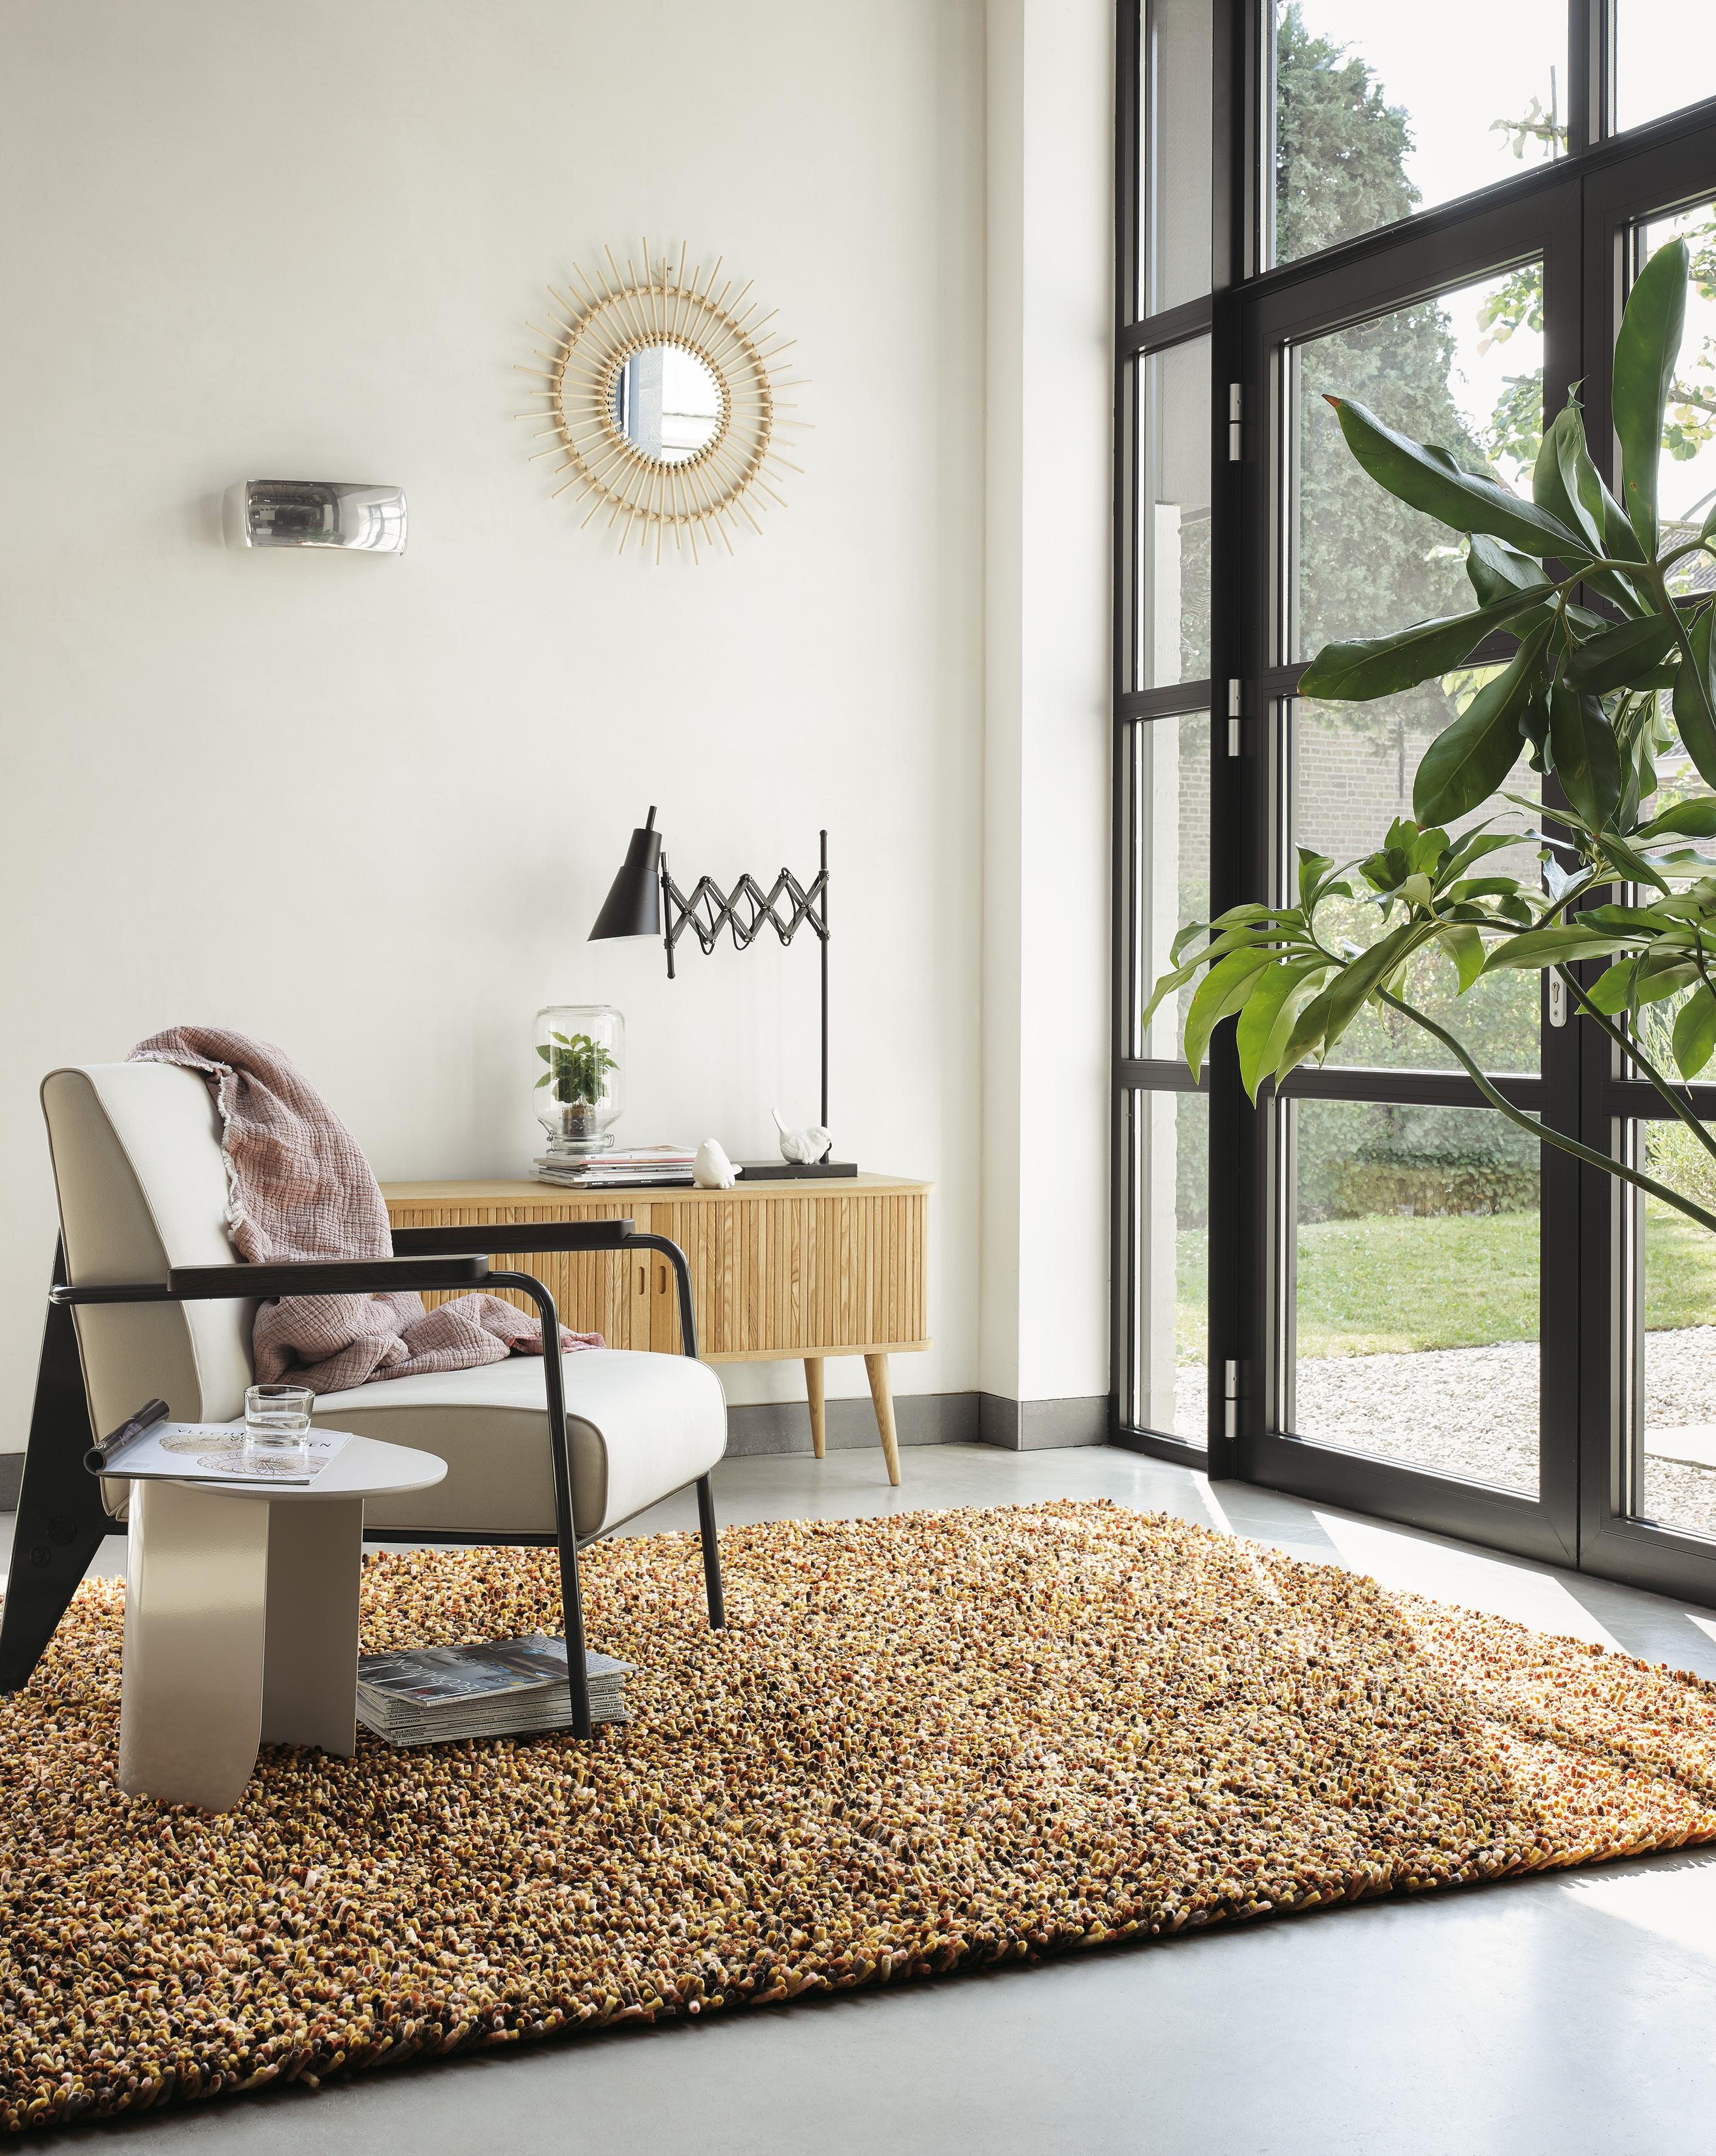 brink campman rocks vloerkleed 70506 brink campman brokking vloerkledenspecialist. Black Bedroom Furniture Sets. Home Design Ideas